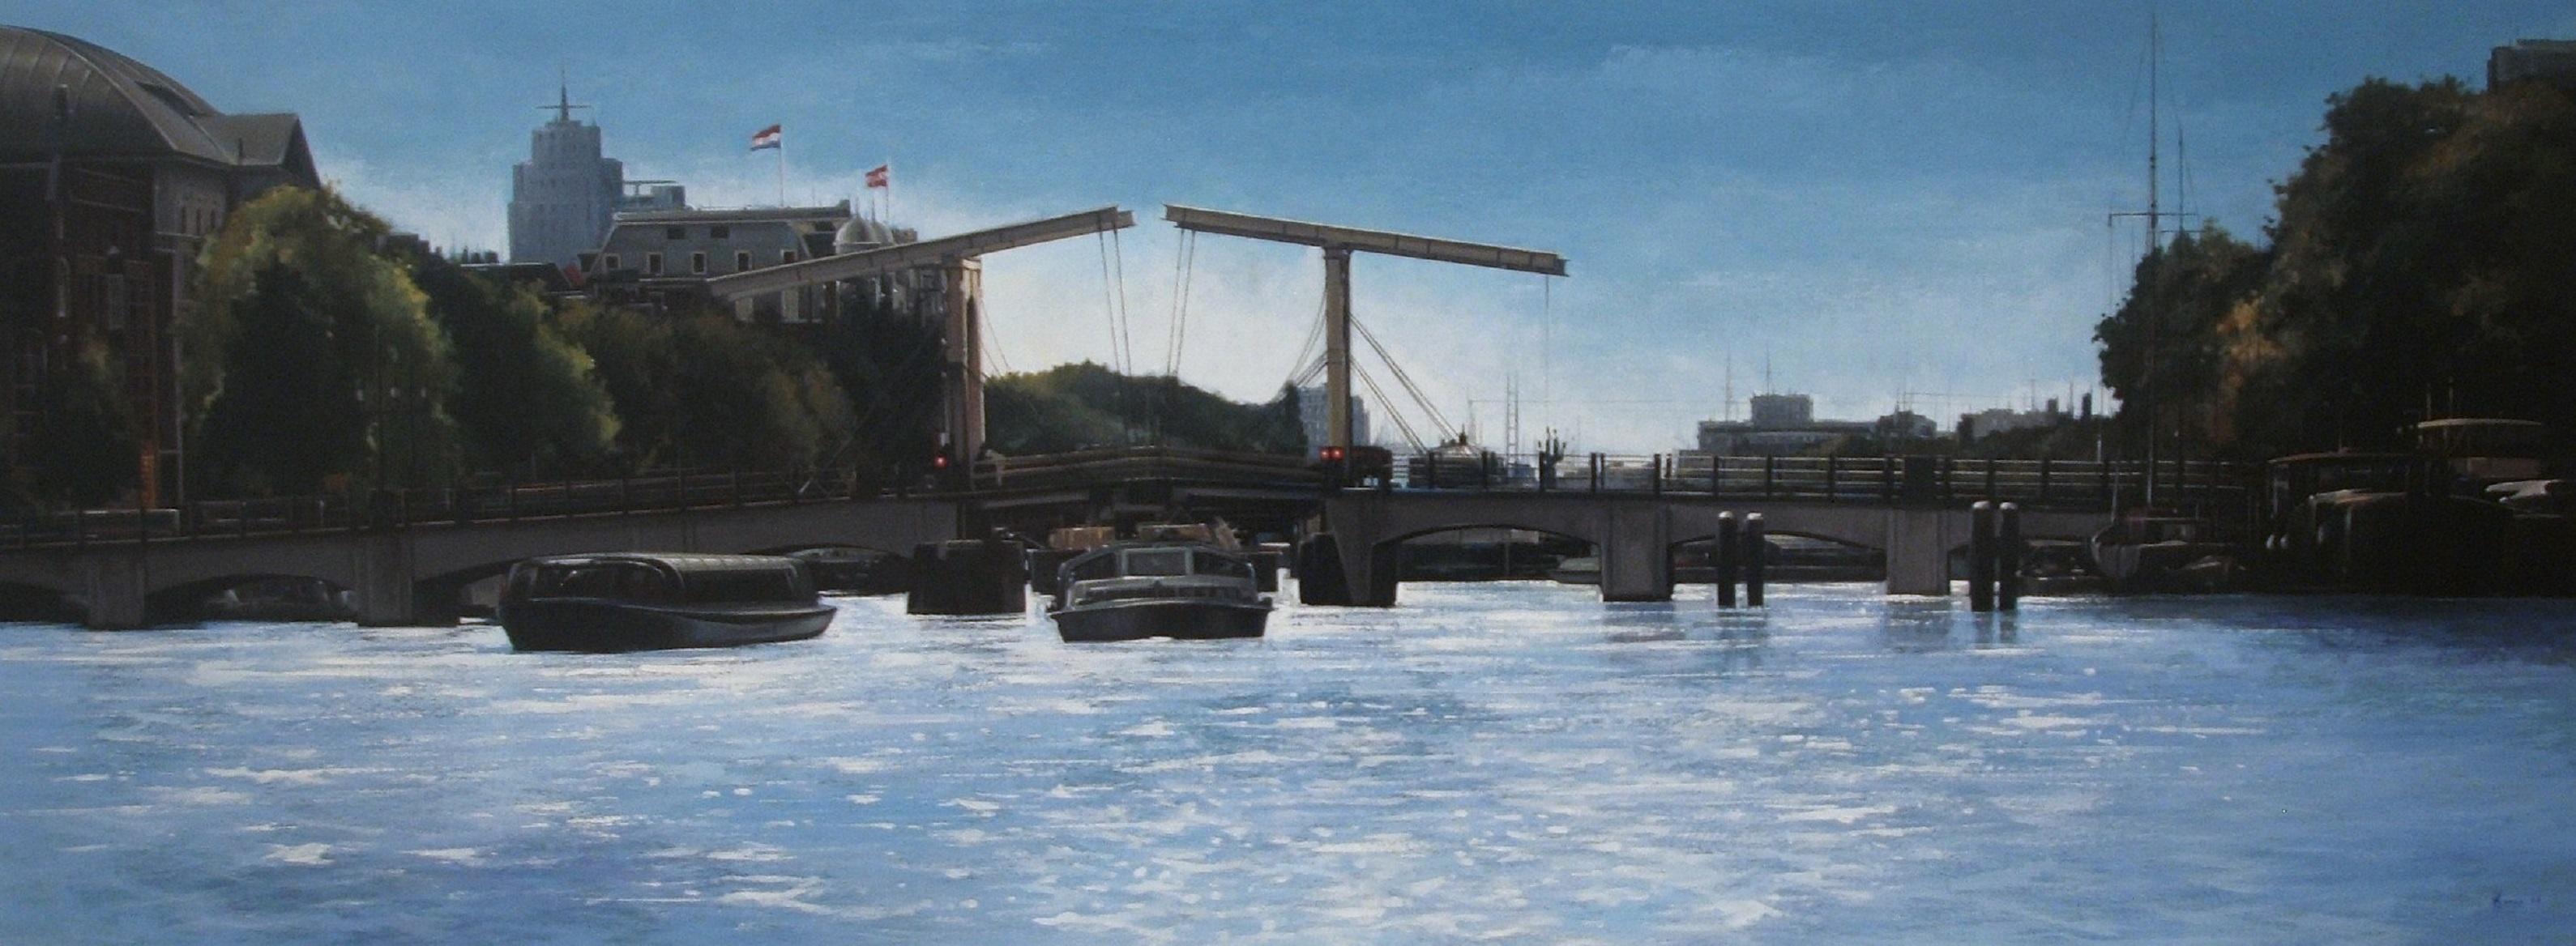 Puente de Amsterdam